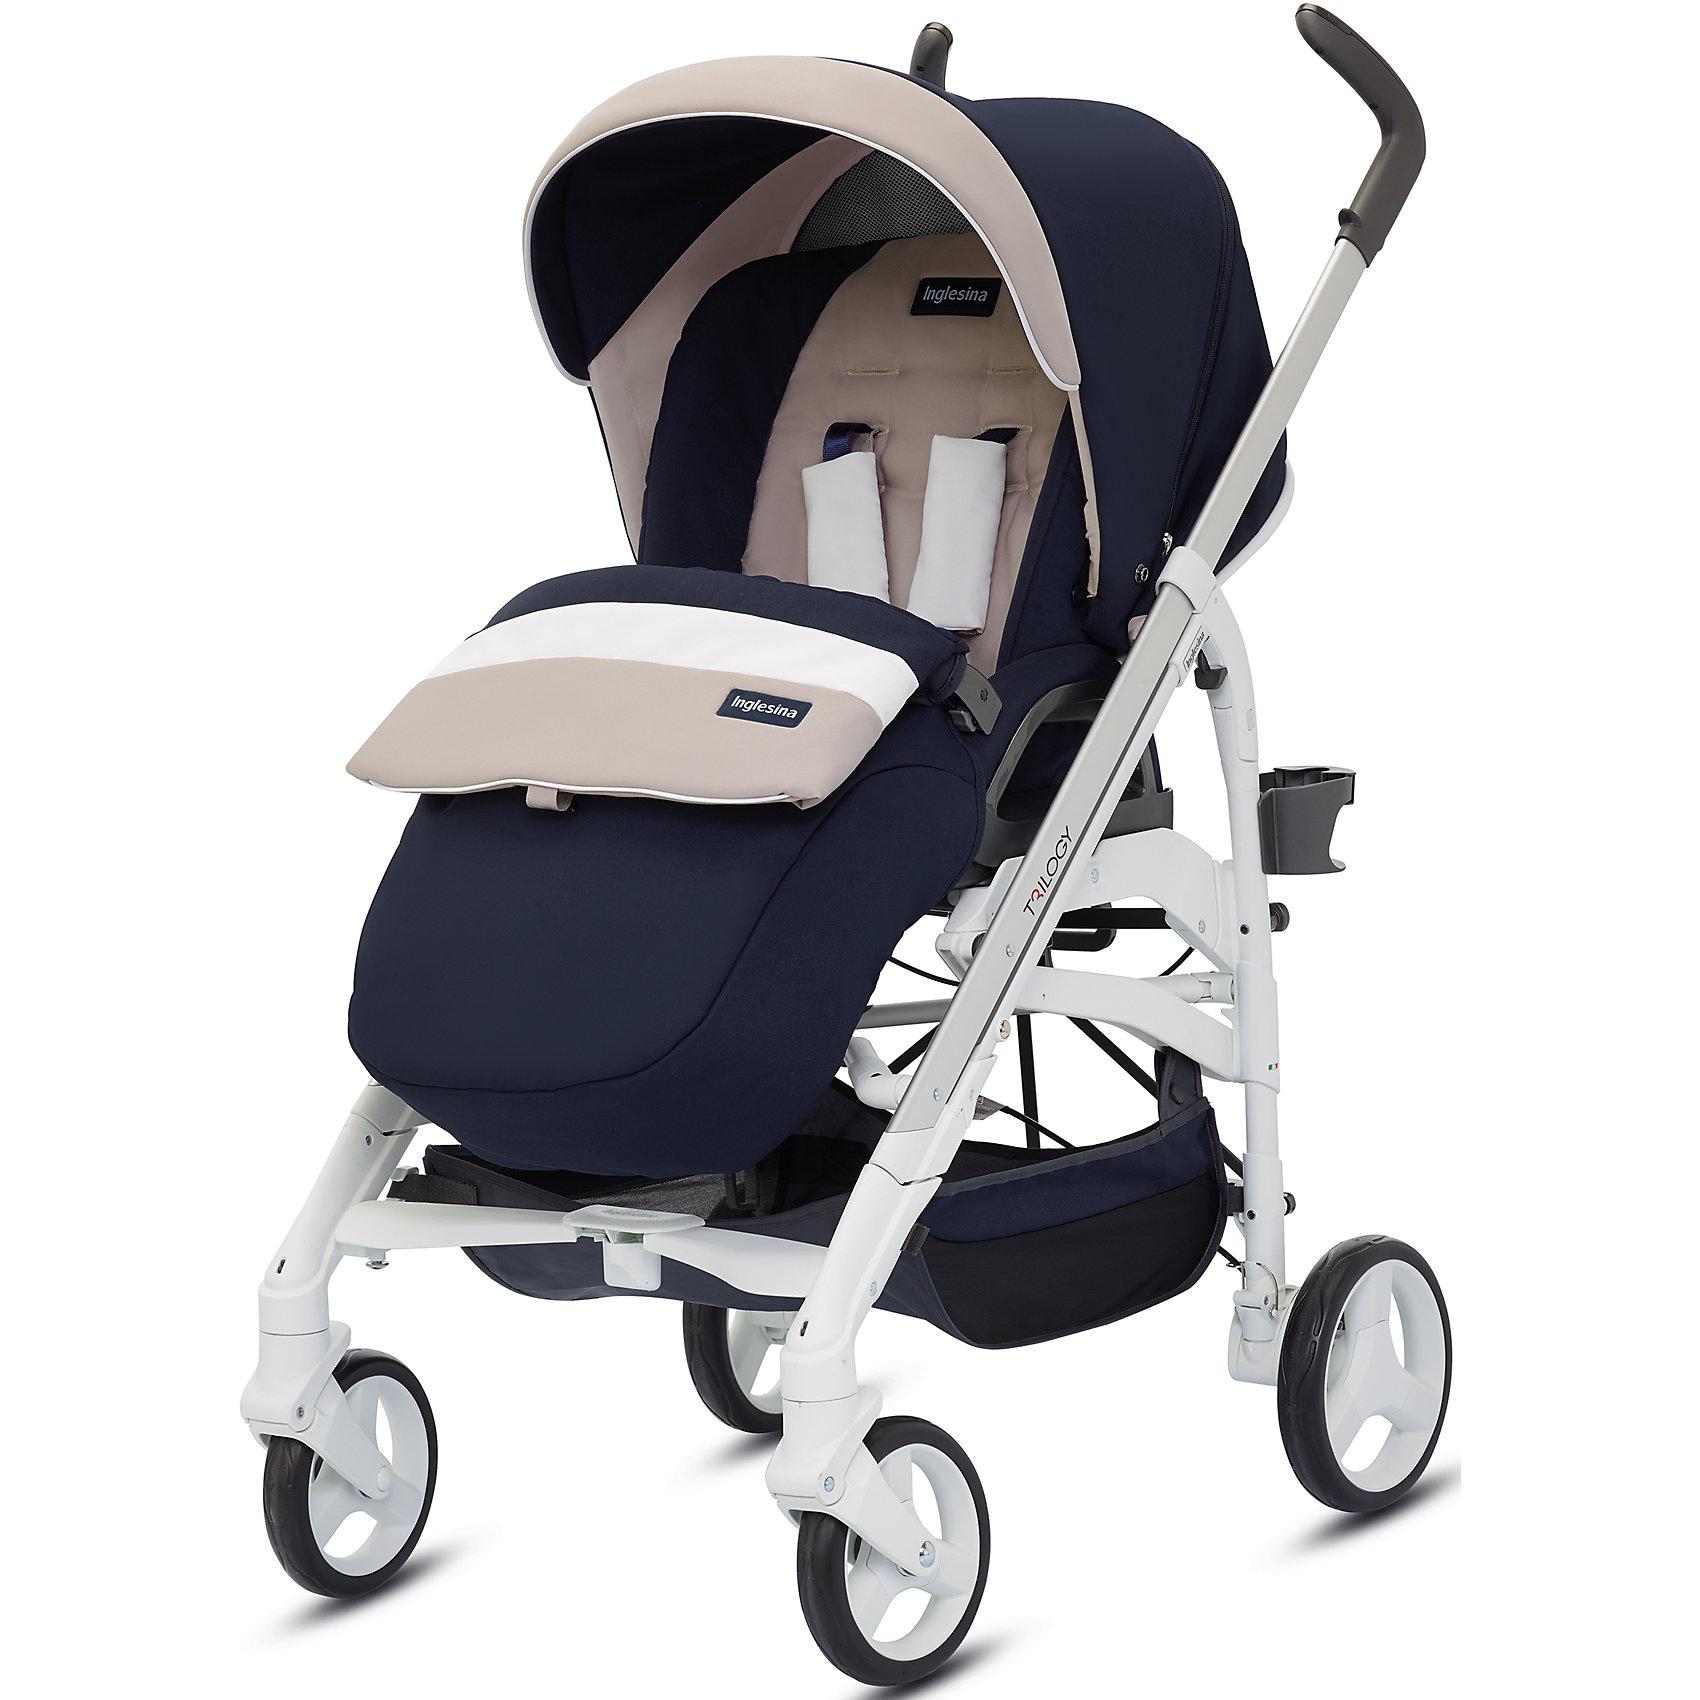 Прогулочная коляска Inglesina Trilogy, CookieПрогулочные коляски<br>Прогулочная коляска Trilogy - прекрасный вариант для малышей и их родителей! Модель имеет прочную алюминиевую раму, систему амортизации, передние поворотные колеса, с возможностью фиксации. Модель легко складывается, имеет ножной тормоз и небольшую ширину шасси, благодаря которой коляска войдет даже в самый узкий дверной проем. С помощью системы Easy Clips, прогулочный блок одним движением руки устанавливается и снимается с шасси. Прогулочный блок переставляется лицом к маме или по направлению движения Удобное сиденье, объемный капюшон со смотровым окошком, регулируемые подножка и спинка обеспечат малышу спокойный и комфортный отдых, а пятиточечные страховочные ремни с мягкими накладками и съемный бампер гарантируют безопасность. Чехол прогулочного блока выполнен из прочных материалов, он легко снимается и стирается в теплой воде. <br><br>Дополнительная информация:<br><br>- Материал: пластик, резина, текстиль, алюминий.<br>- Тип складывания: трость. <br>- Размер в разложенном виде: 83х57х107 см. <br>- Размер в сложенном виде: 48х37х97 см.<br>- Ширина шасси: 57 см.<br>- Количество колес: 4.<br>- Колеса с подшипниками. <br>- Диаметр колес: передних - 17,5 см; задних - 20,5 см.<br>- Вес: 9,5 кг.<br>- Передние колеса поворотные с возможностью фиксации. <br>- Регулируемая спинка (в 4-хположениях, до горизонтального).<br>- Регулируемая подножка (в 2-х положениях).<br>- 5-титочечные ремни безопасности.<br>- Съемный бампер.<br>- Капюшон со смотровым окошком. <br>- Регулируемая по высоте ручка. <br>- Максимальный вес ребенка: 15 кг. <br>- Вместительная корзина для вещей. <br>- Комплектация: накидка на ножки, дождевик, подстаканник. <br><br>Прогулочную коляску Trilogy, Inglesina (Инглезина), Cookie, можно купить в нашем магазине.<br><br>Ширина мм: 1000<br>Глубина мм: 324<br>Высота мм: 415<br>Вес г: 13150<br>Возраст от месяцев: 6<br>Возраст до месяцев: 36<br>Пол: Унисекс<br>Возраст: Детский<br>SKU: 4764223